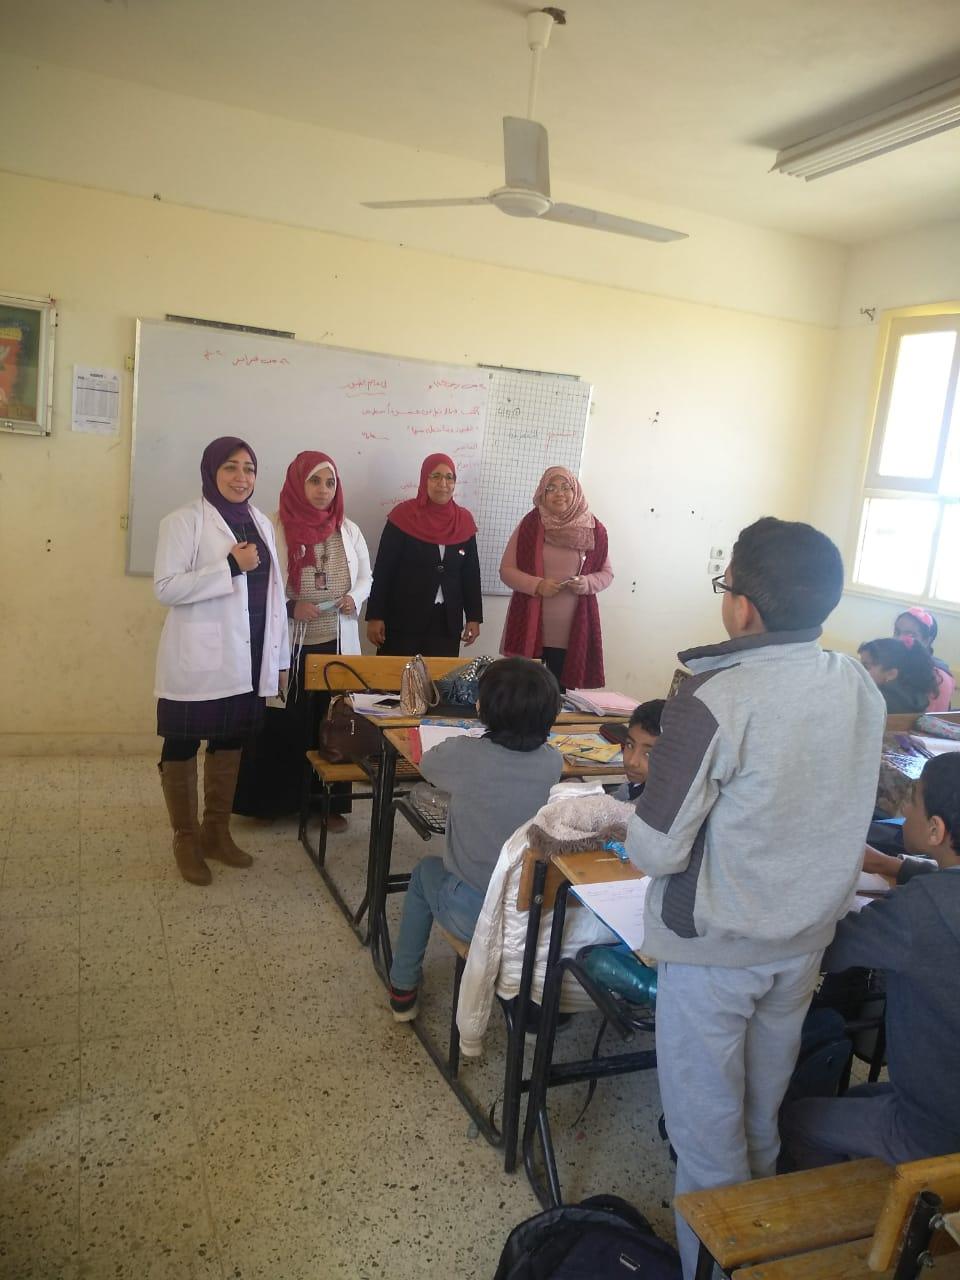 حملات توعية للطلاب لمواجهة فيروس كورونا